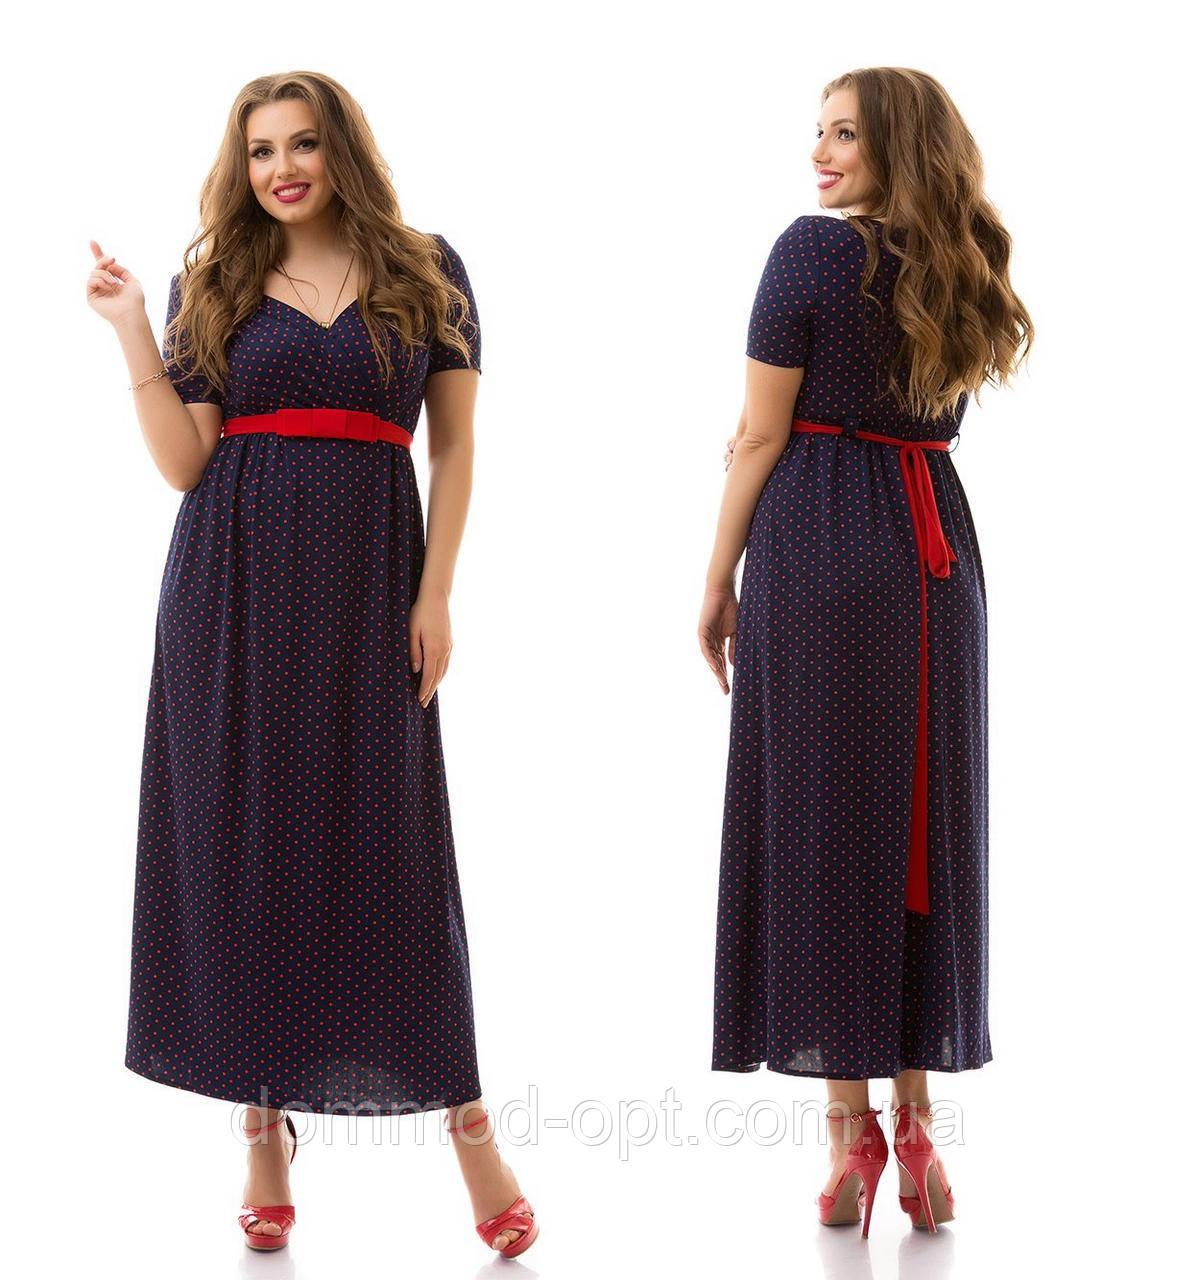 cbd5ec8d558 Женское красивое платье в пол больших размеров